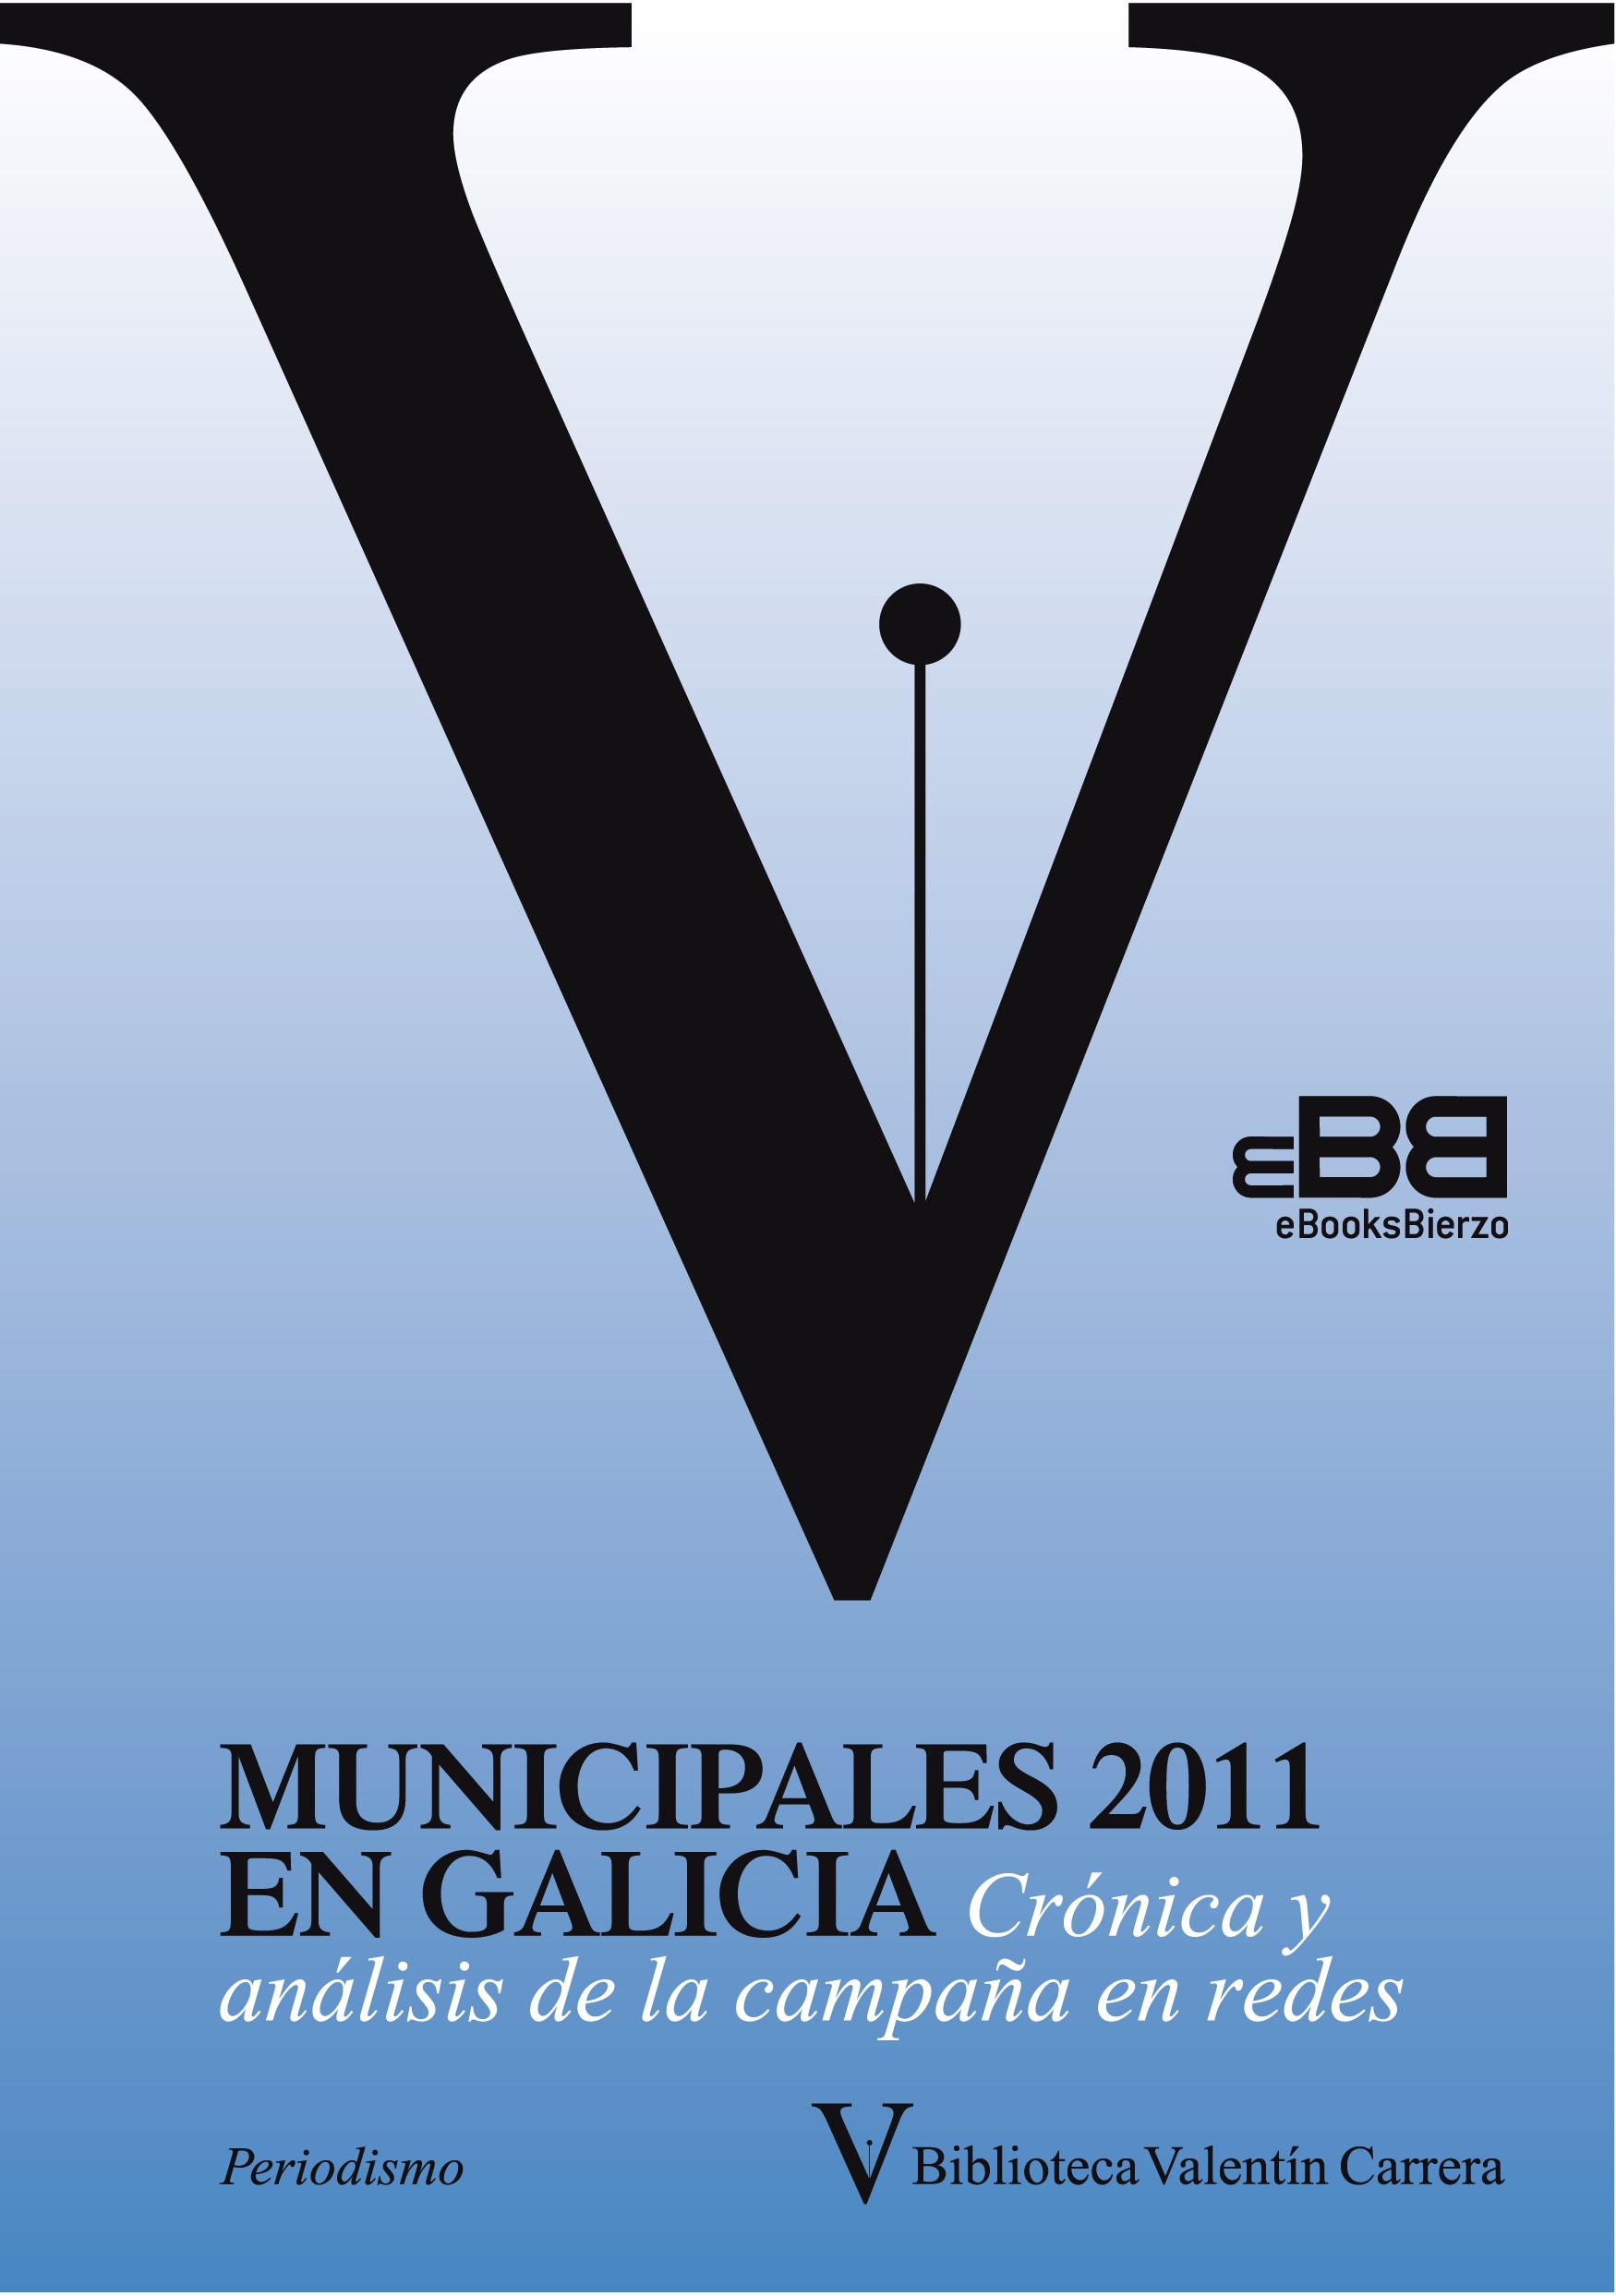 Municipales 2011 en Galicia